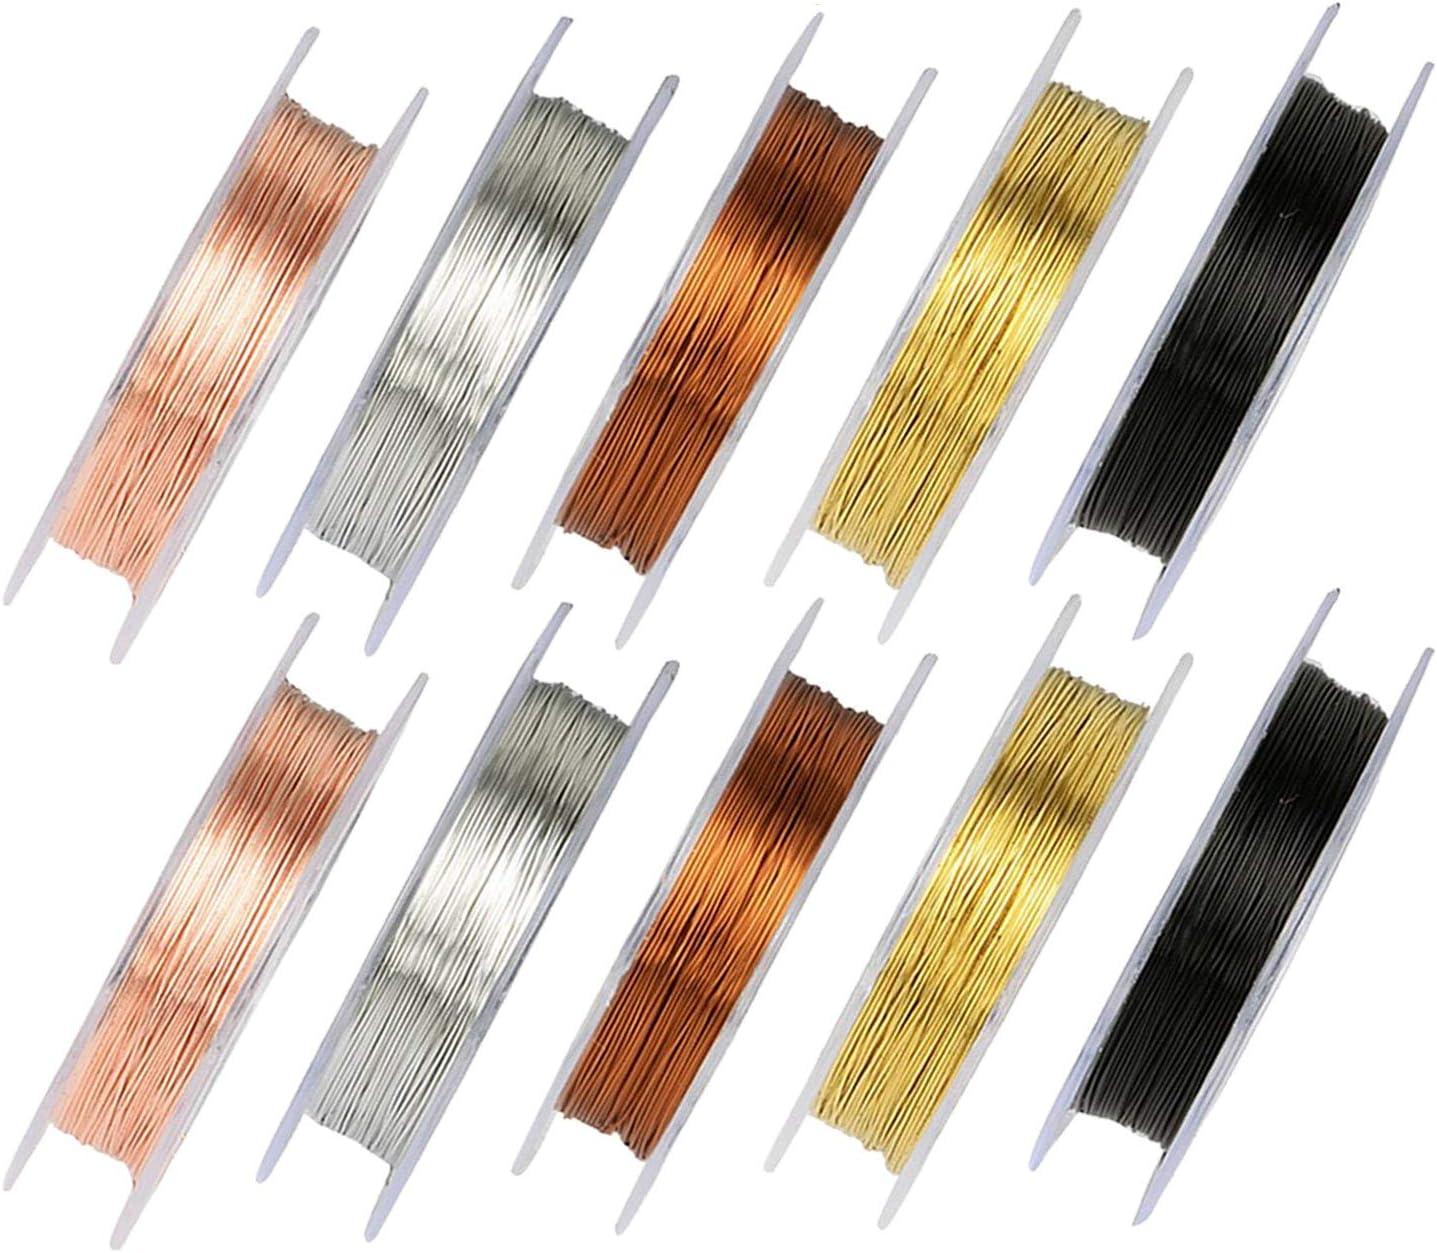 Alambres de cobre para hacer joyería, 10 rollos de alambre de joyería de color de 0.3 mm y 0.5 mm para artesanía artística de bricolaje (10 metros por rollo)